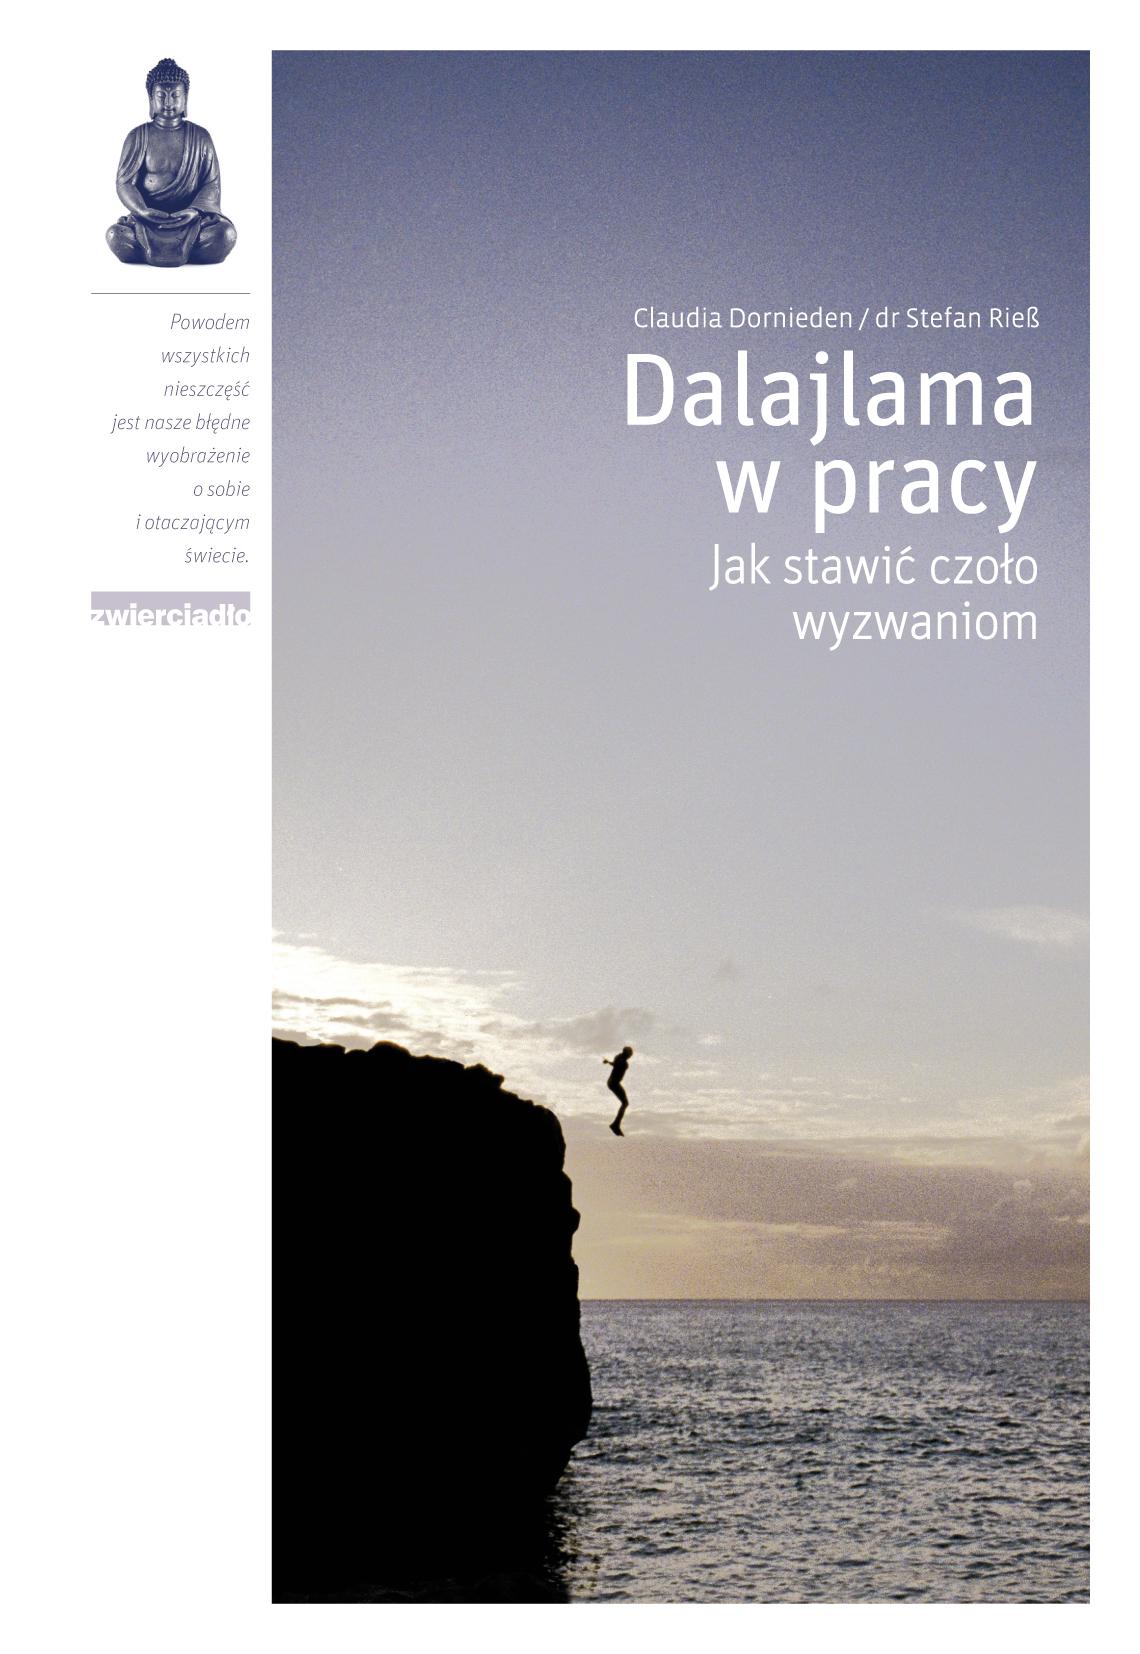 Dalajalama w pracy_200 dpi